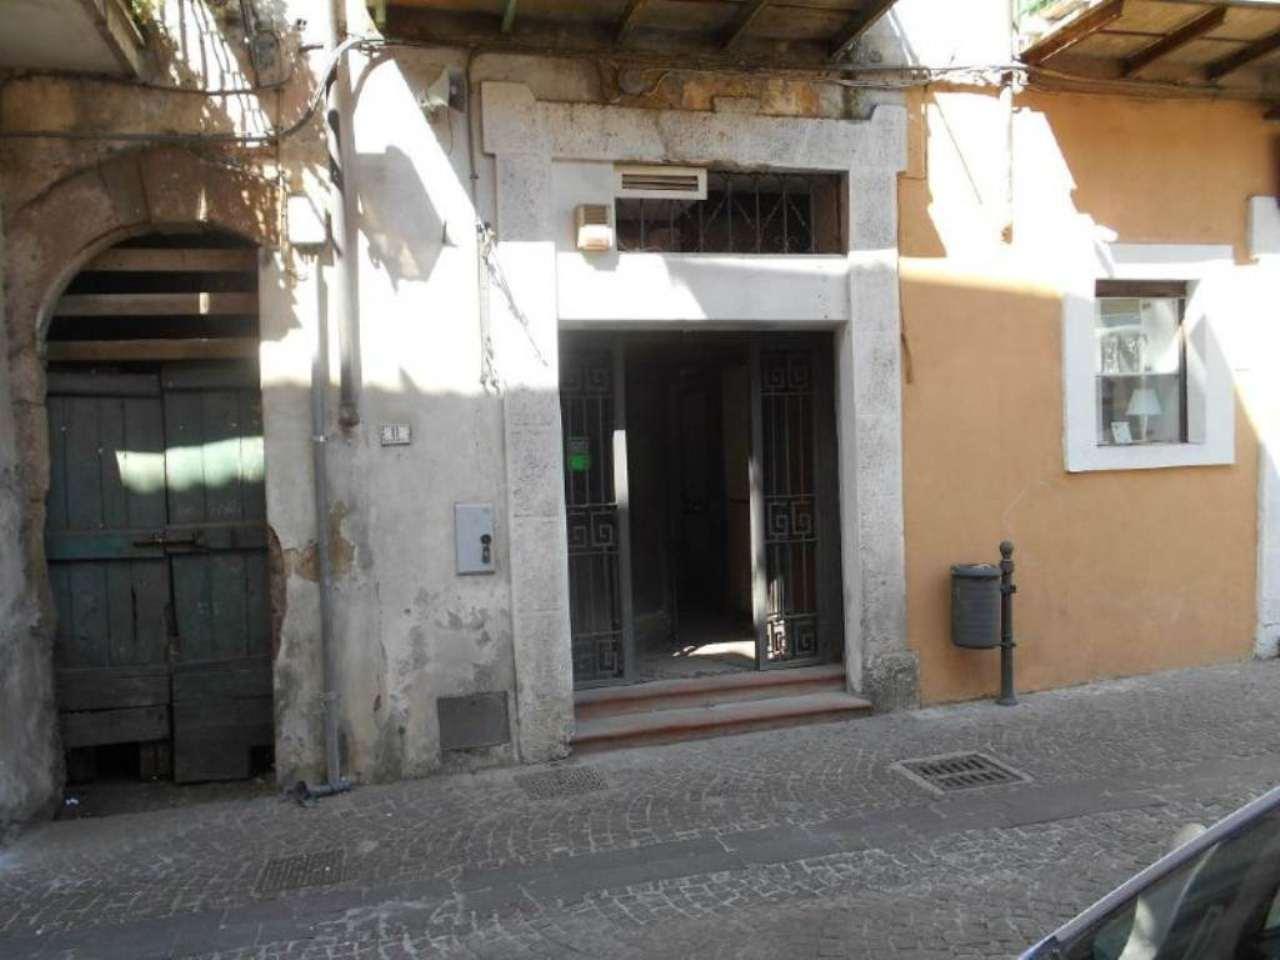 Negozio / Locale in vendita a Labico, 1 locali, prezzo € 25.000 | CambioCasa.it